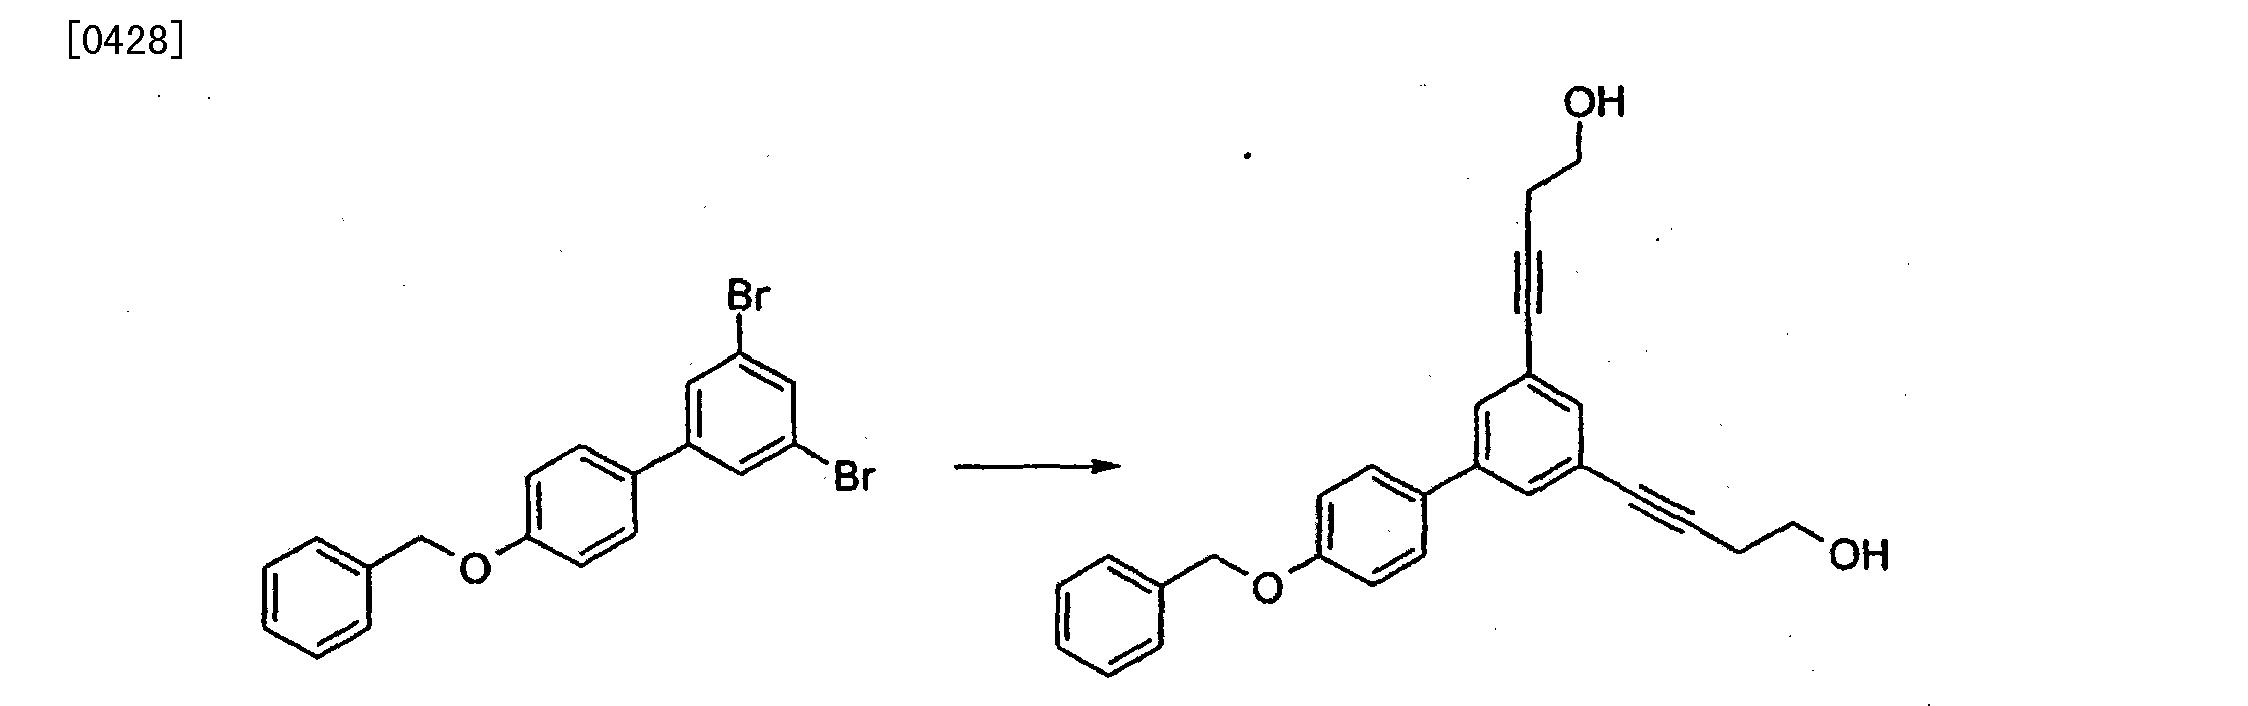 Figure CN101848978BD00771